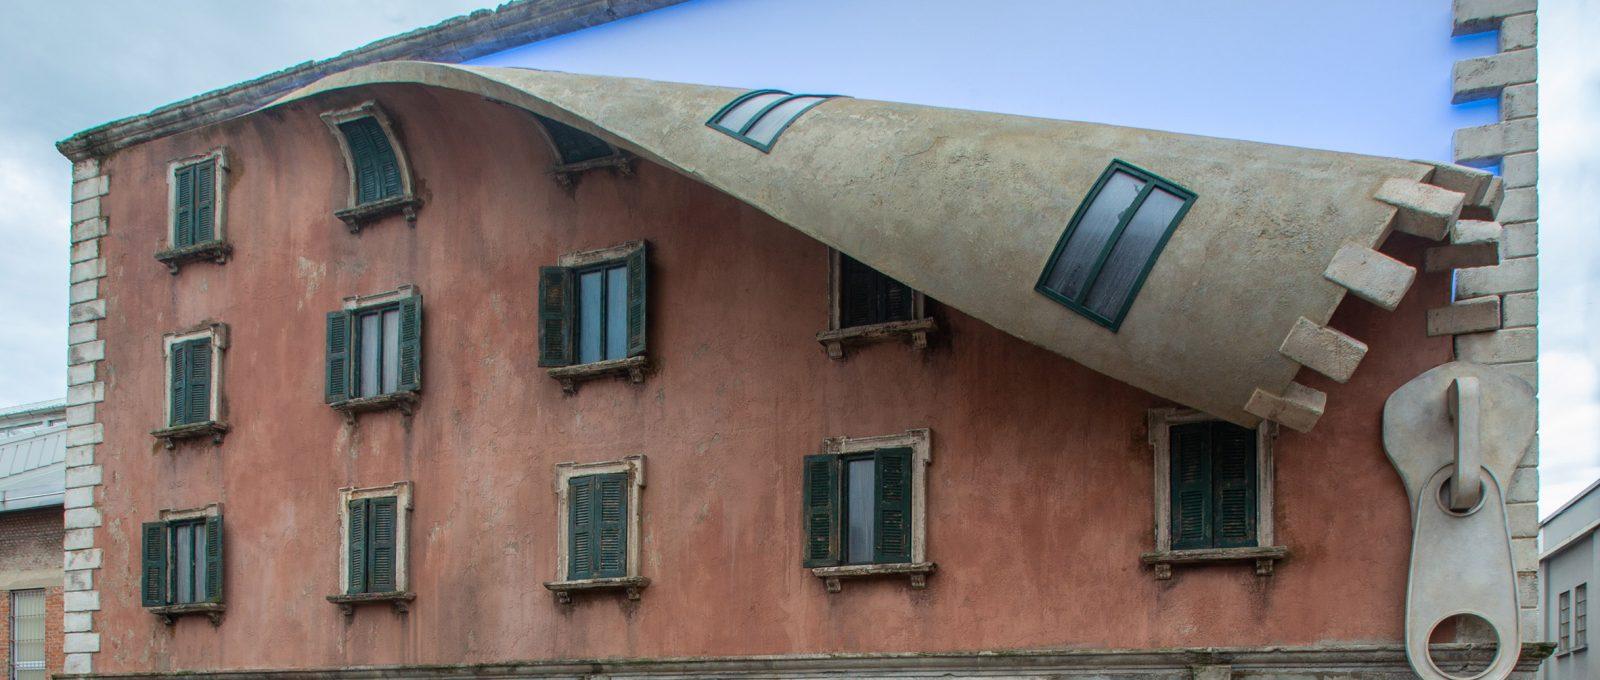 Alex Chinneck e le sue cerniere arrivano a Milano